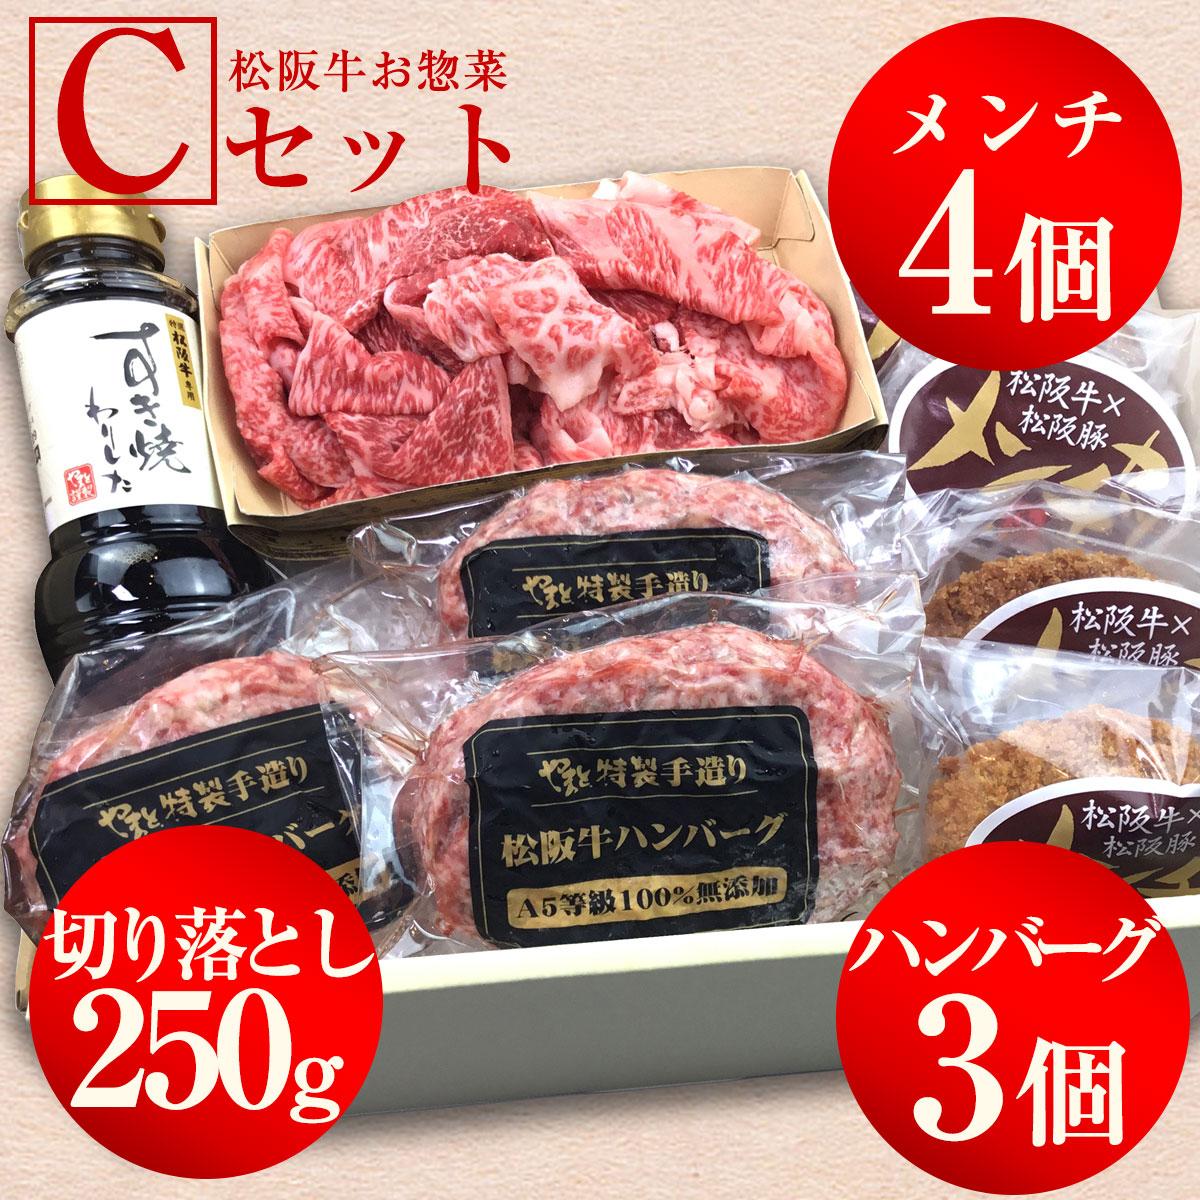 【出産祝い】松阪牛お惣菜デラックス Cセット